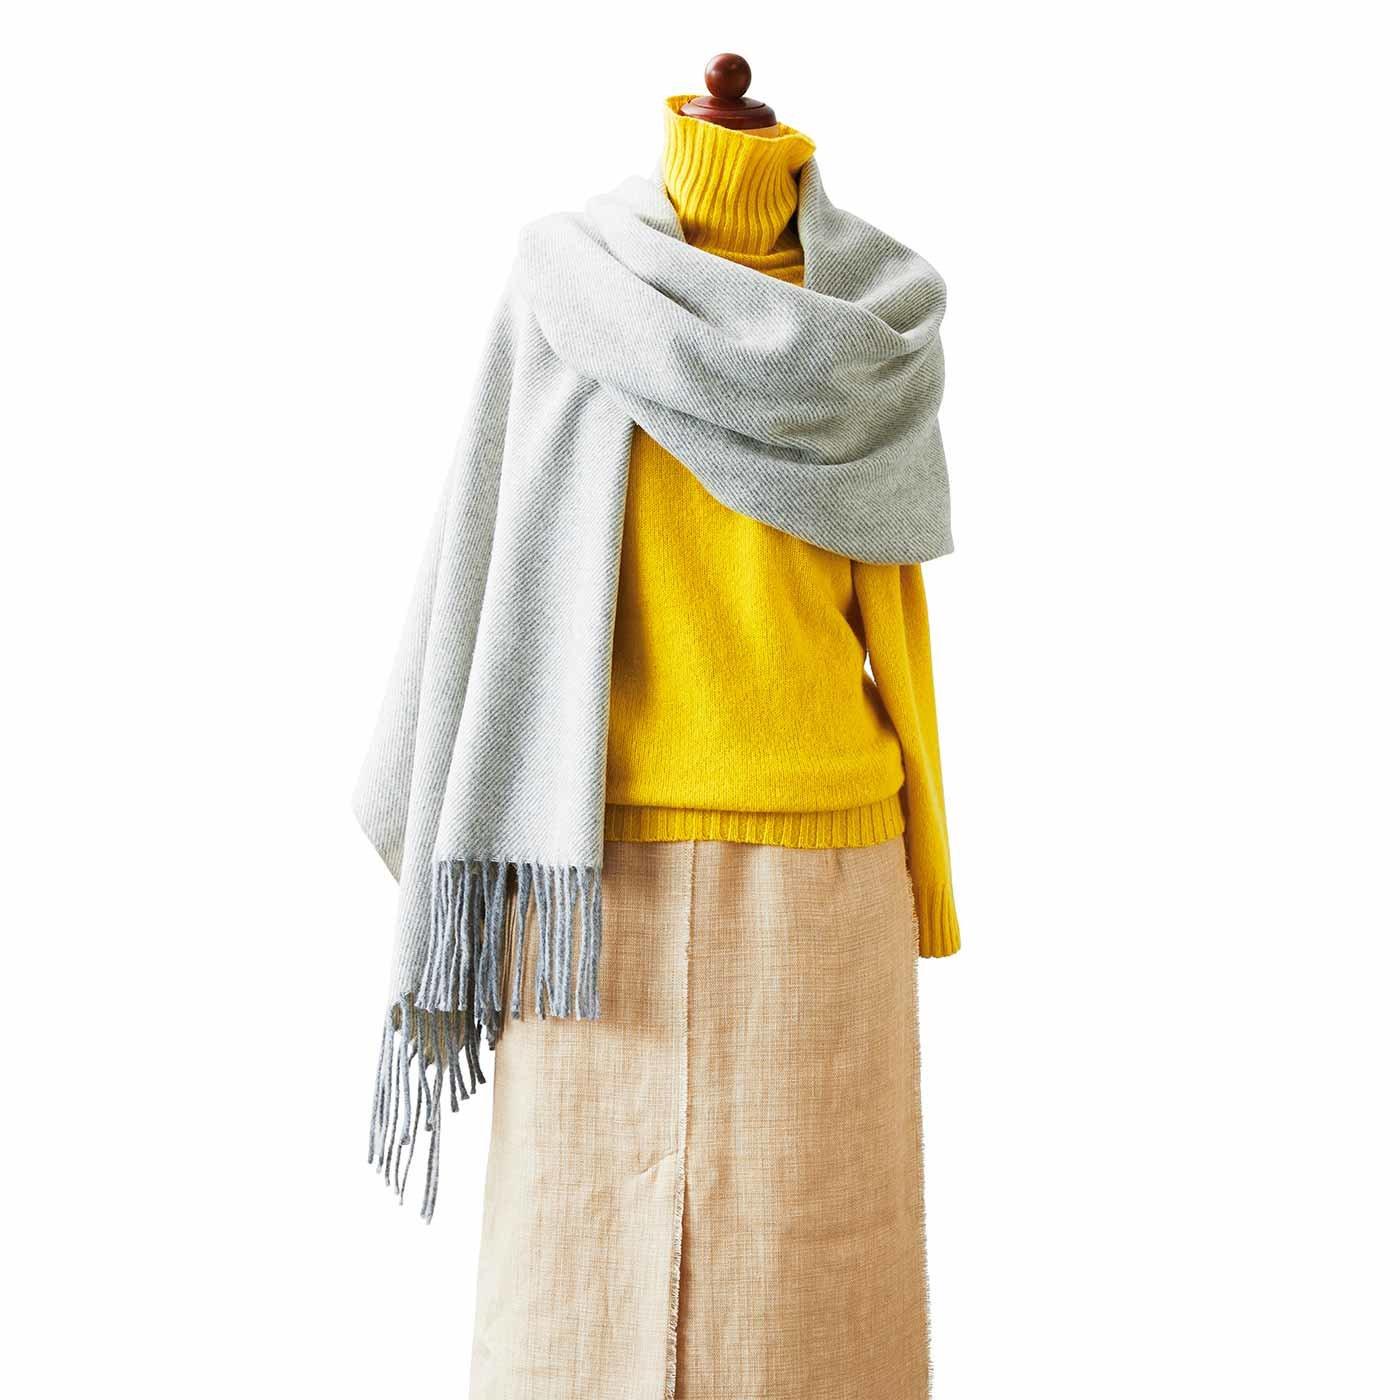 やさしい温もりにずっと包みこまれていたくなる 毛布屋さんのカシミア・シルク混大判ショール